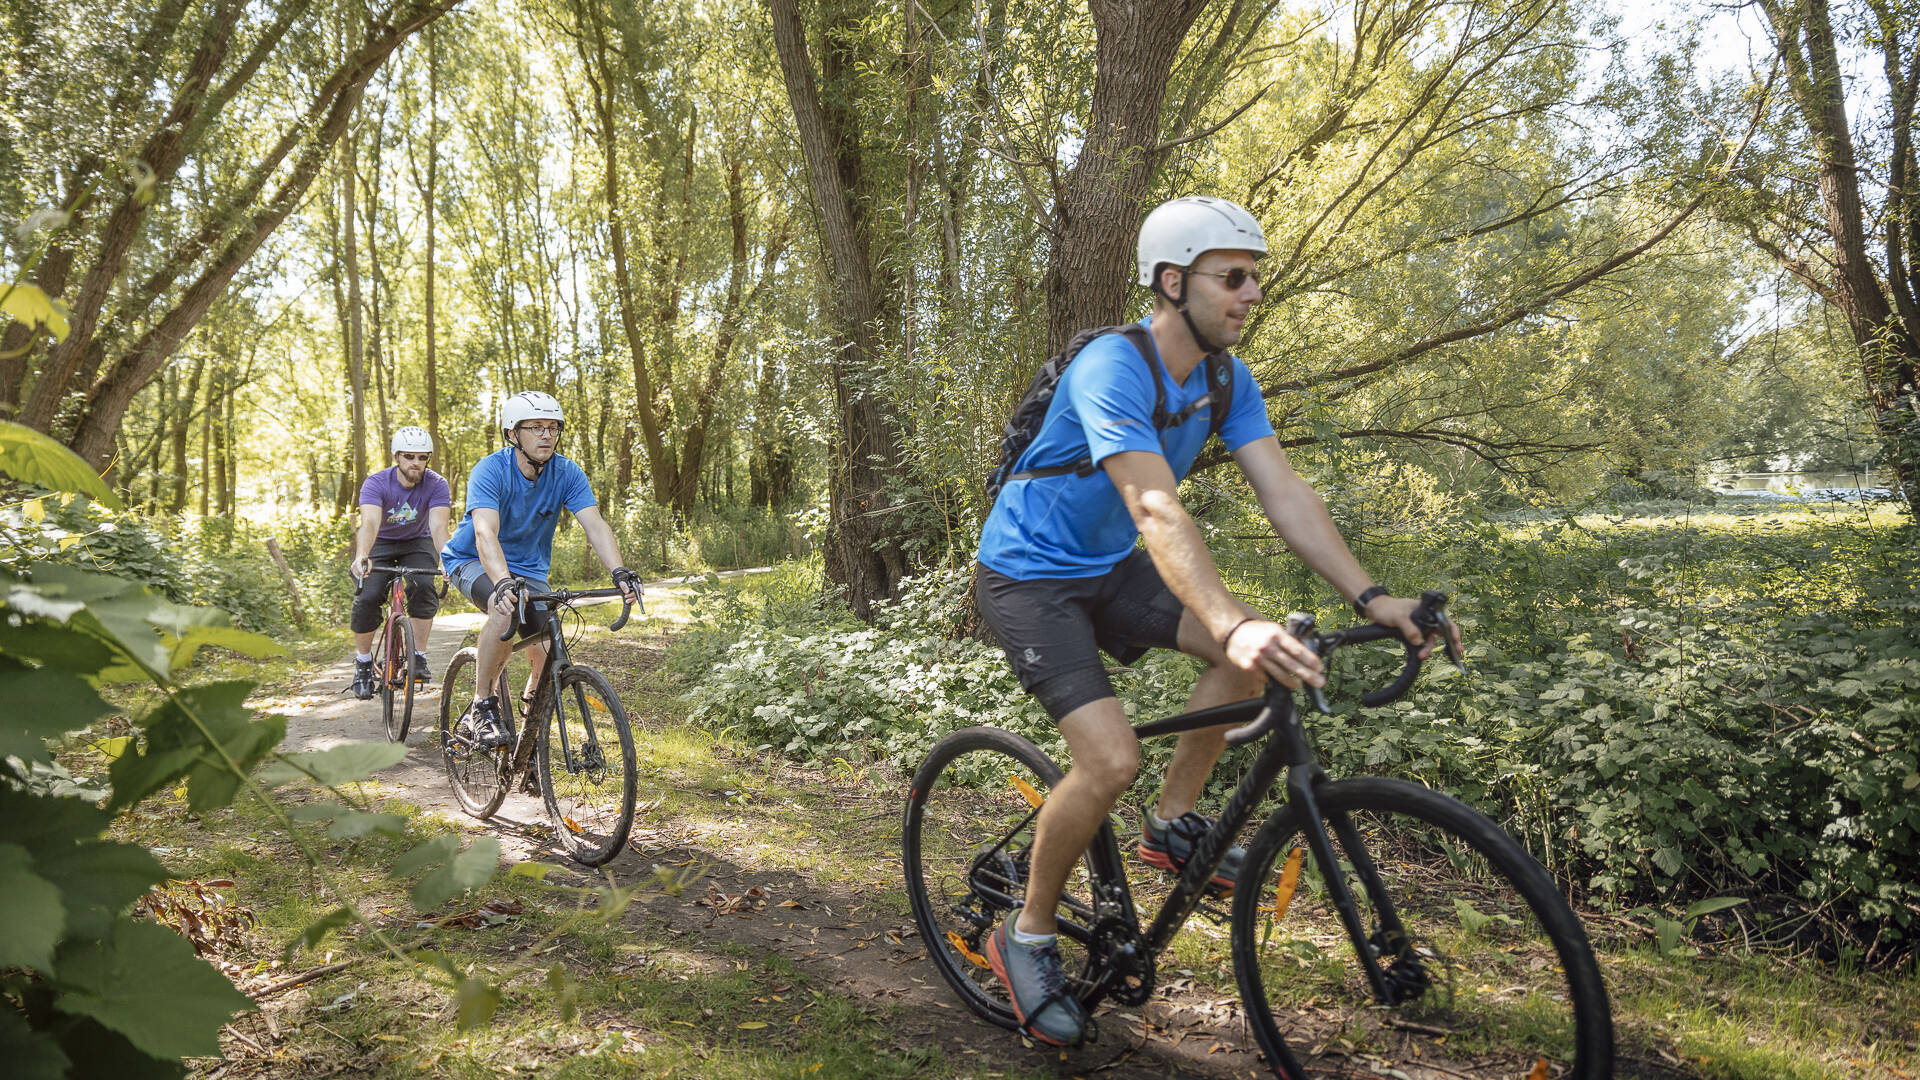 Cycliste en Gravel, Angers Gravel Tour dans les Basses Vallées Angevines